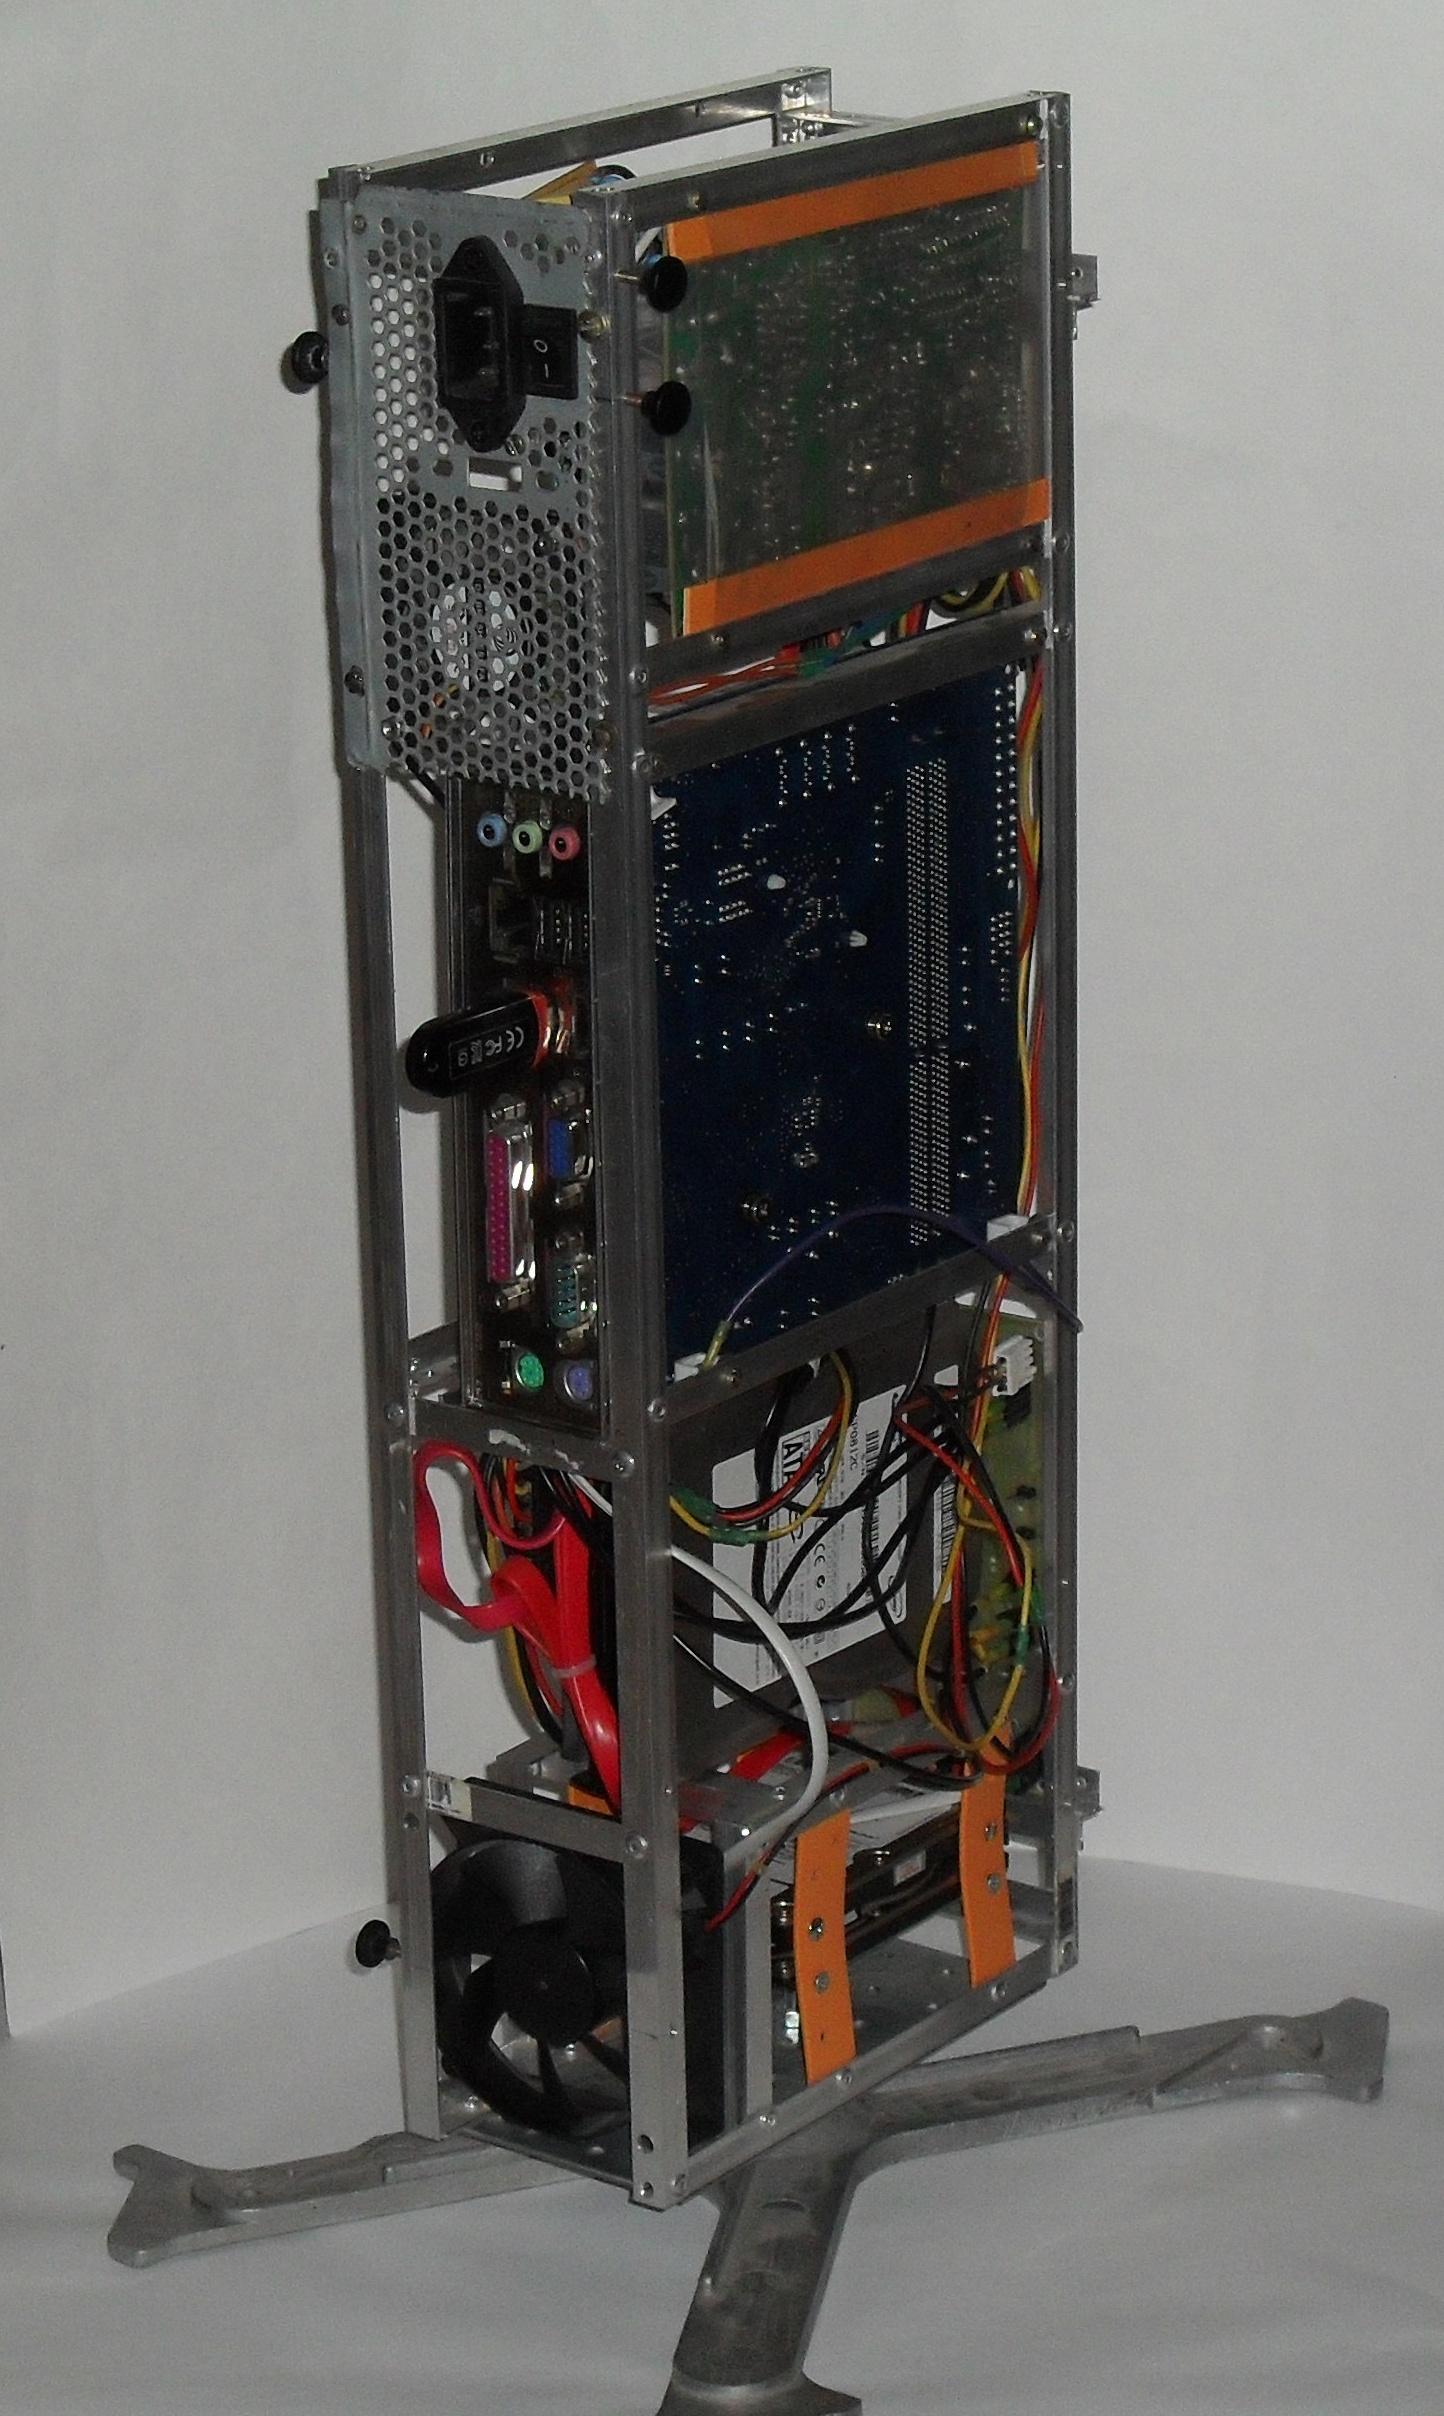 Еще один сервер из подручных средств с претензией на красоту - 30